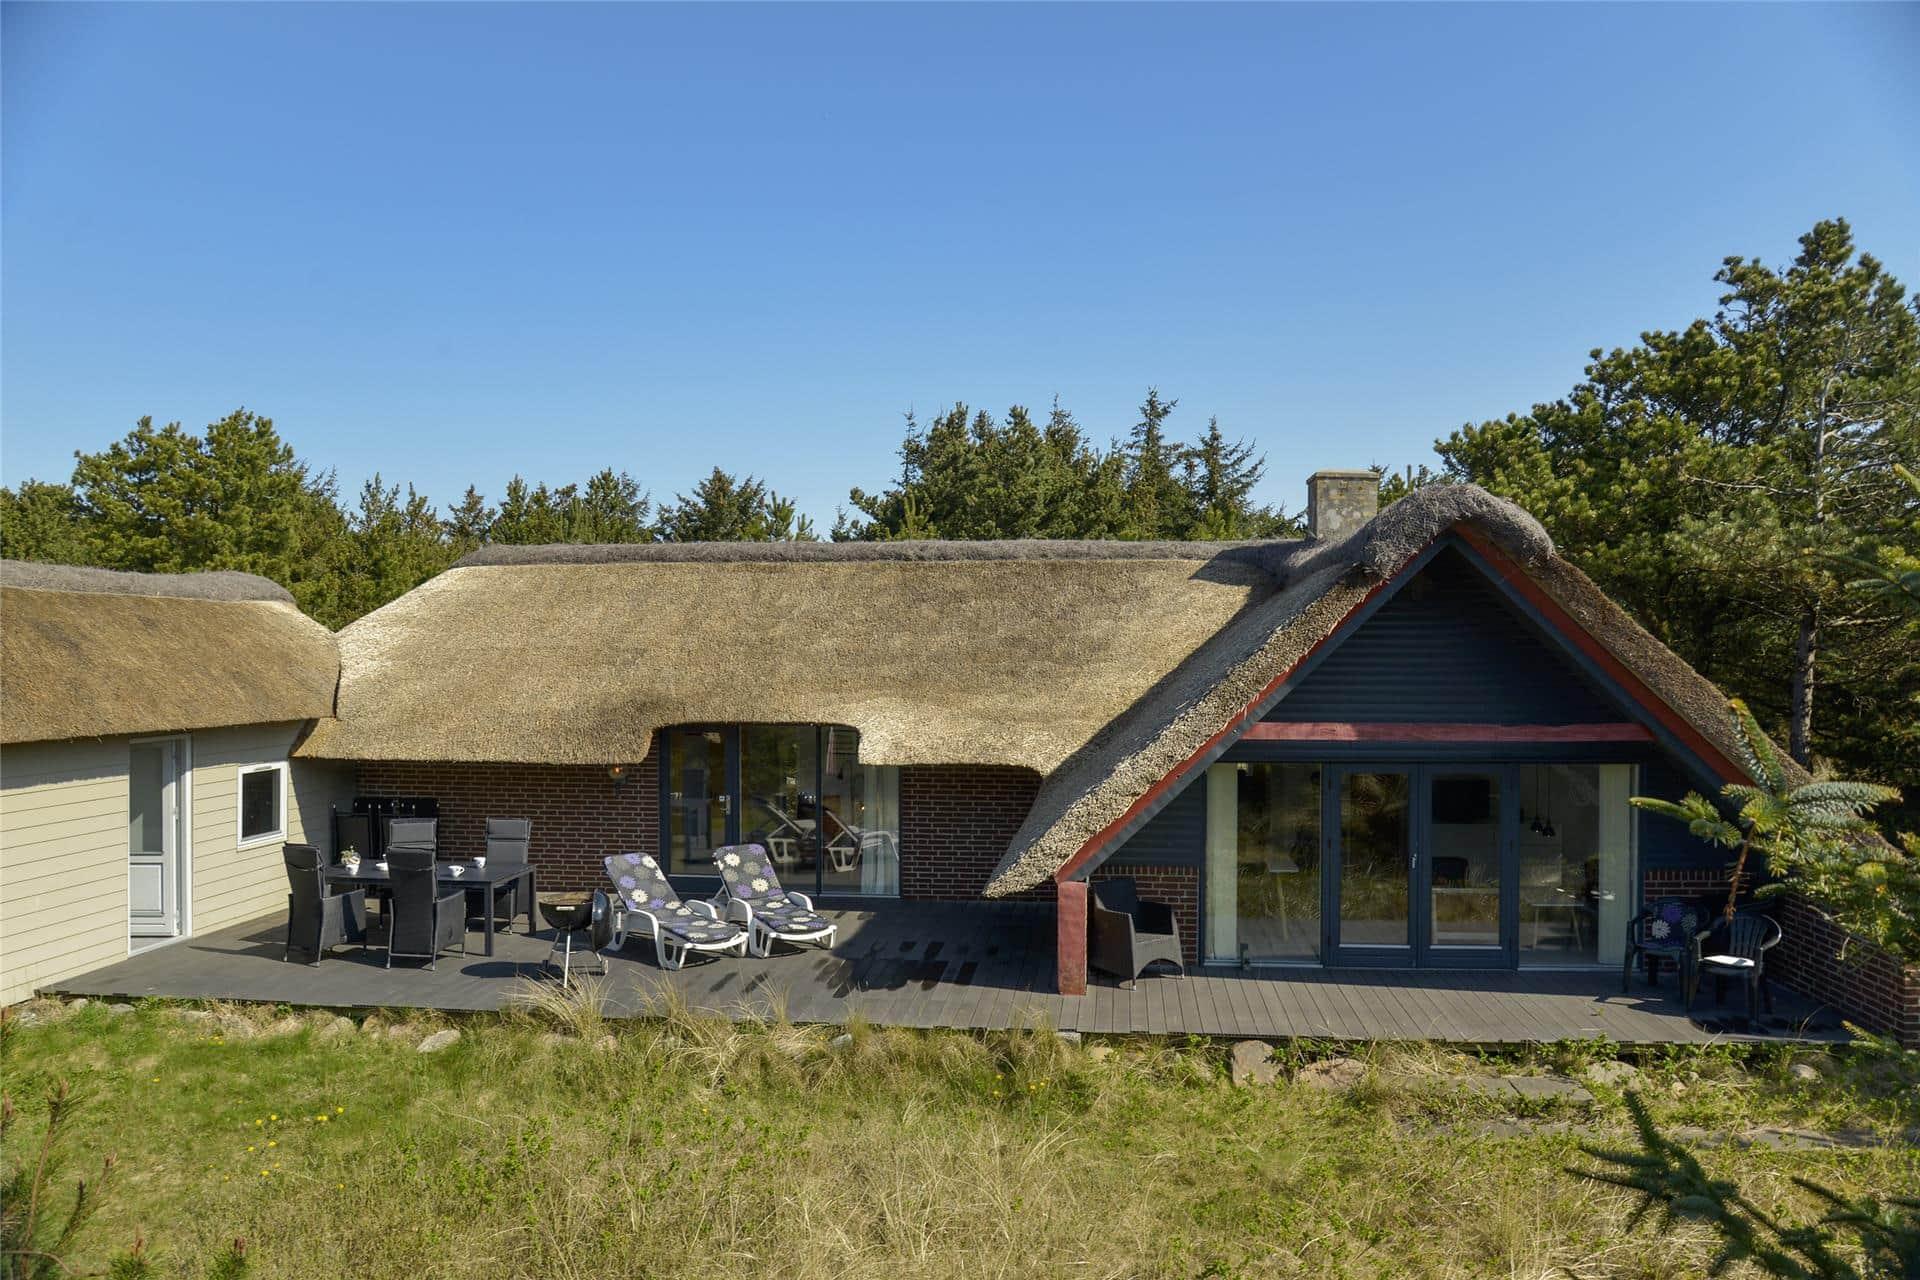 Bild 1-4 Ferienhaus 204, Lyngsletten 47, DK - 6950 Ringkøbing